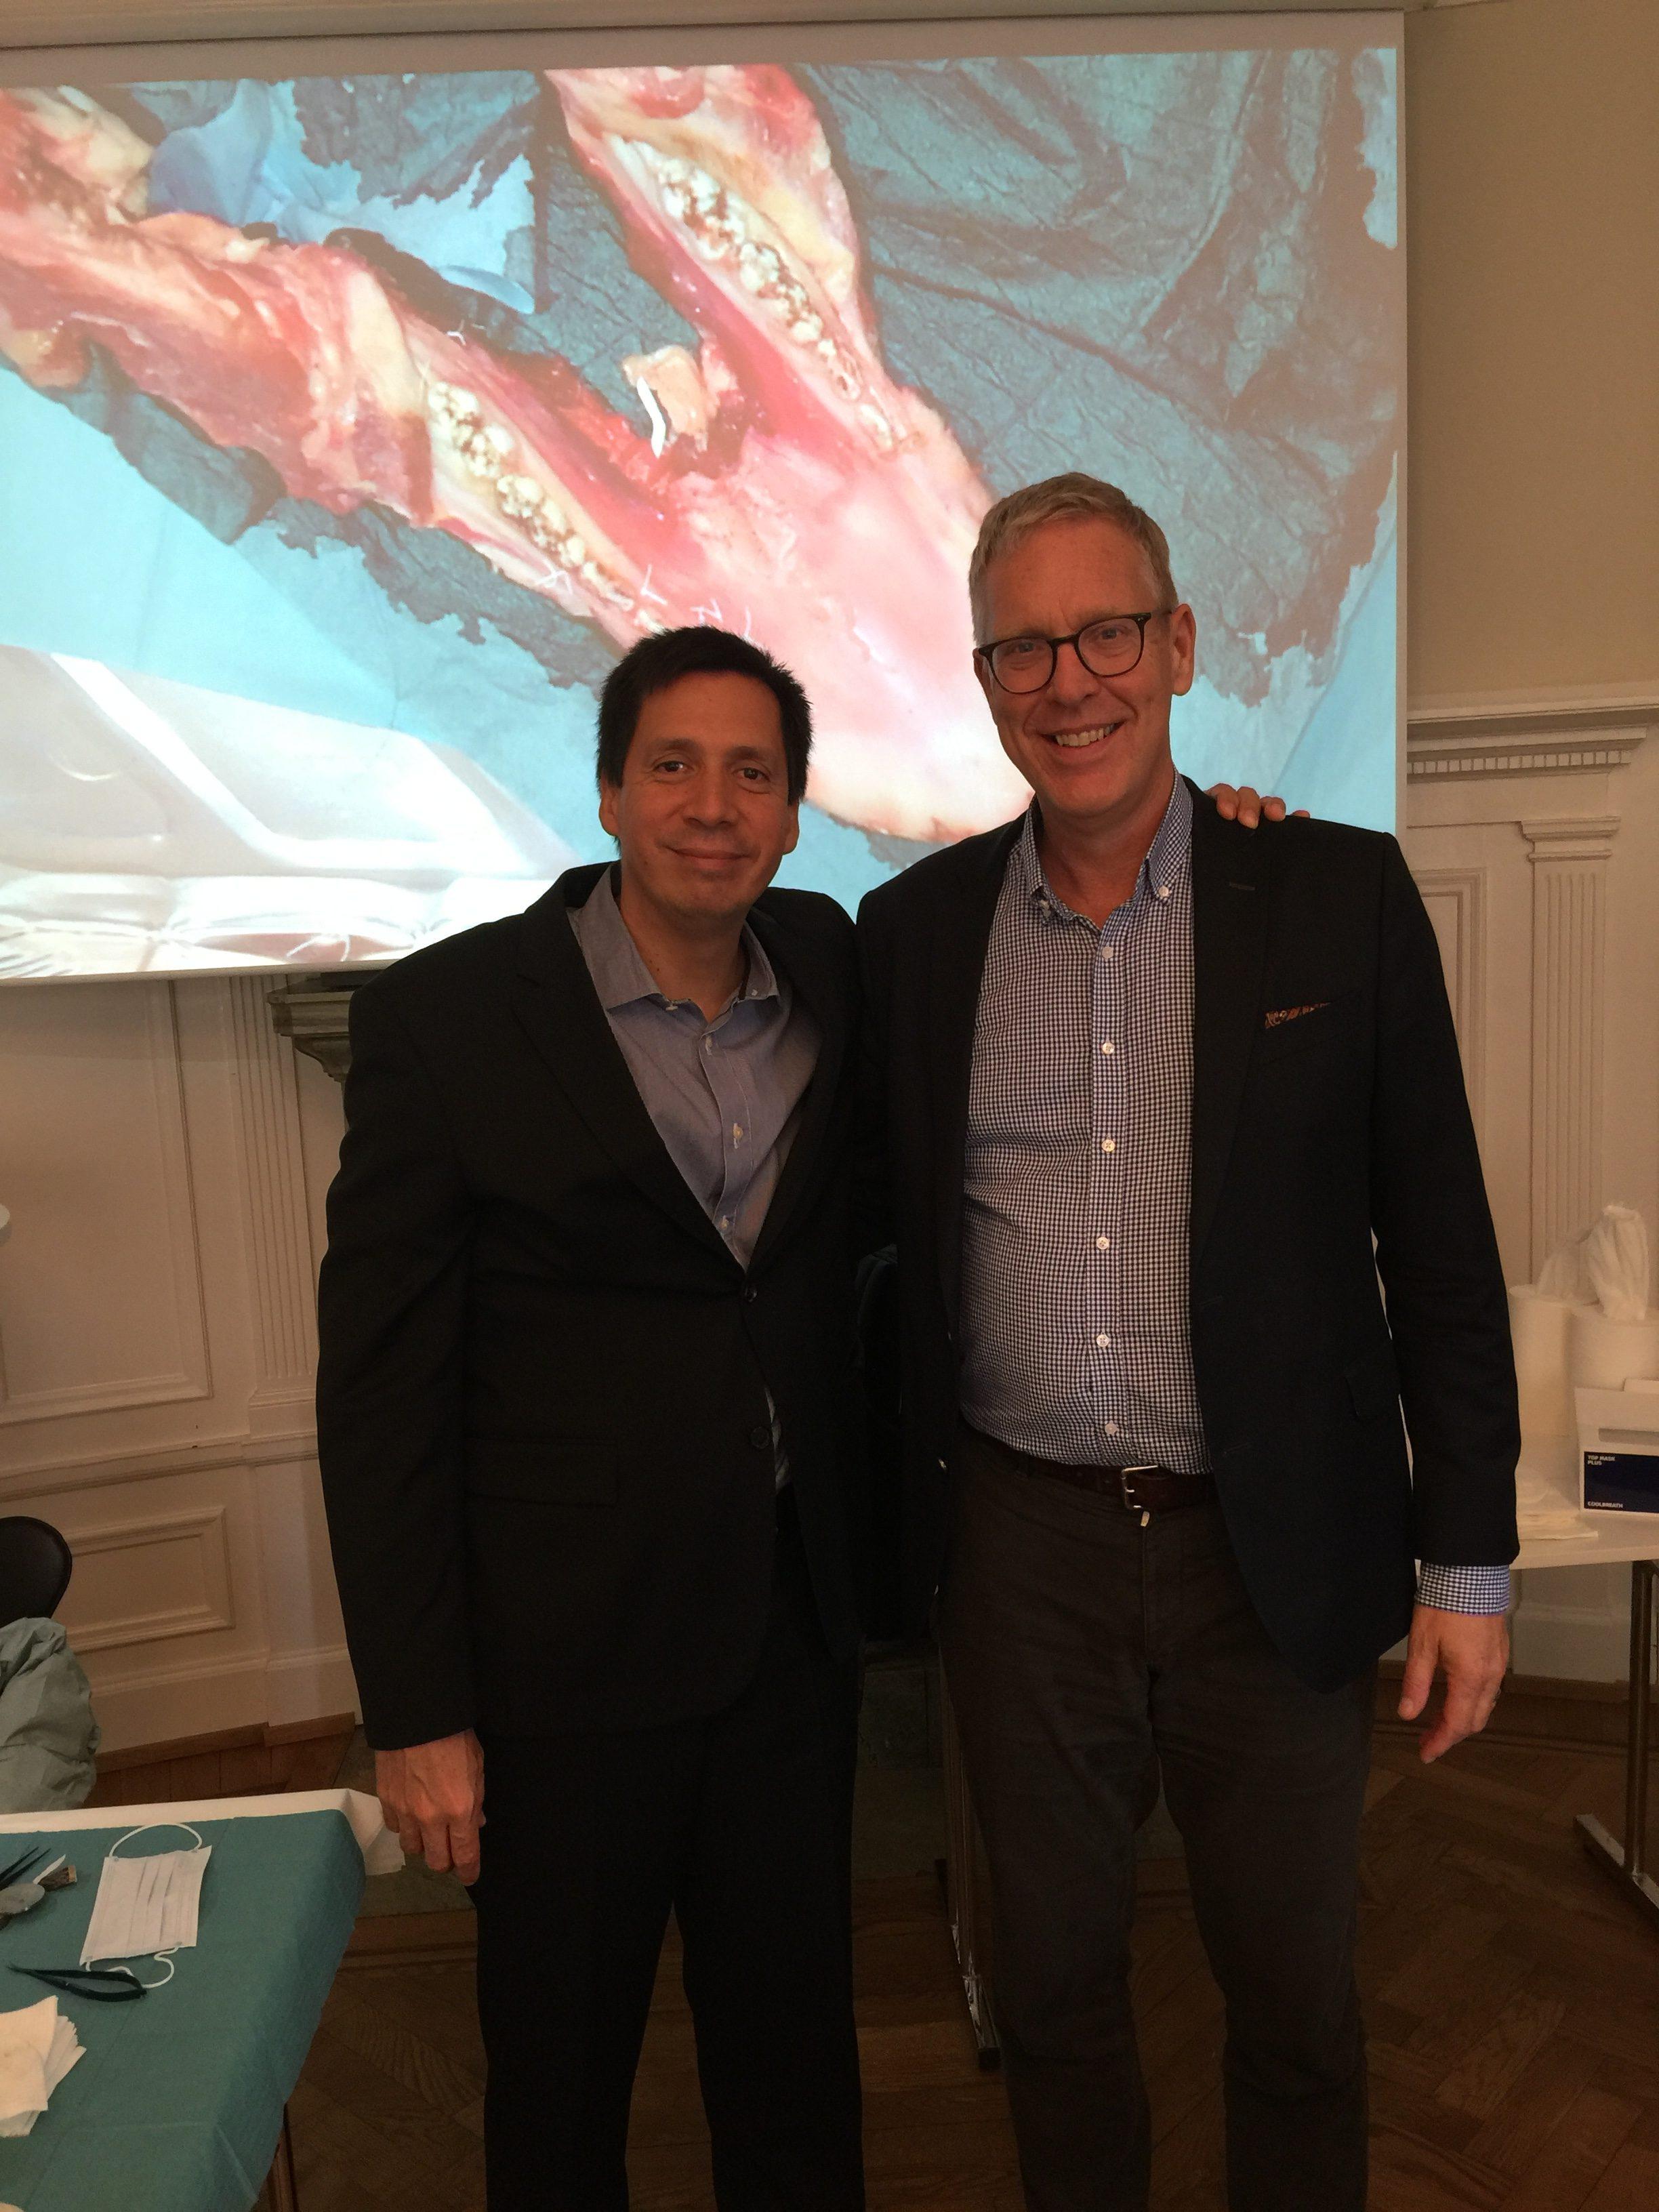 El Dr. David González impartió en Estocolmo, Suecia junto al Prof. Christer Dahlin 2